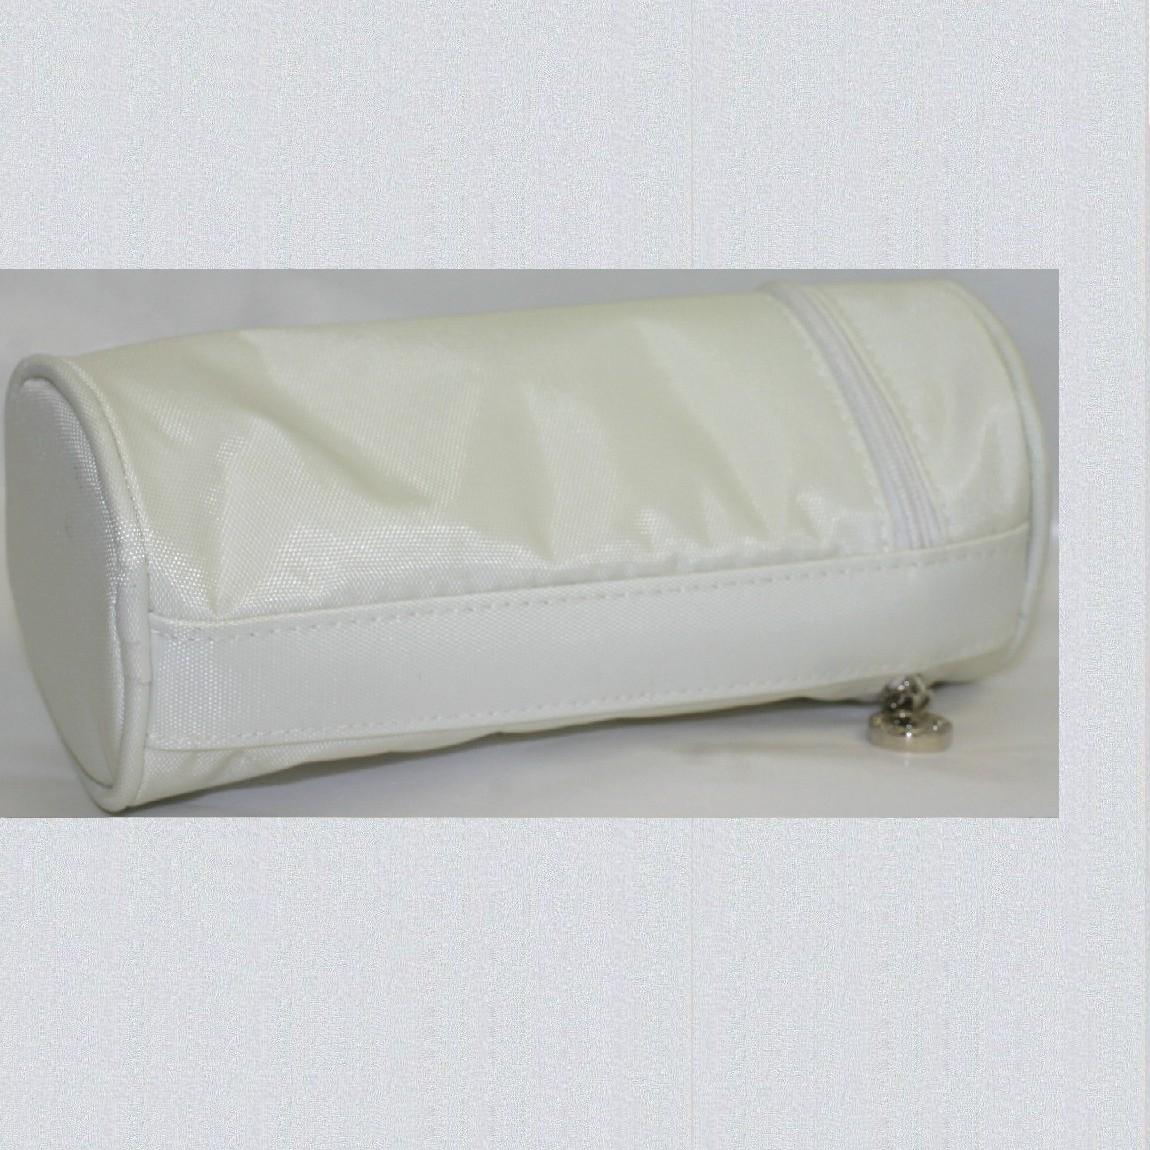 【中古】本物綺麗ブルガリ白いナイロンキャンバス素材の縦長半円形ポーチ|質カラーズ